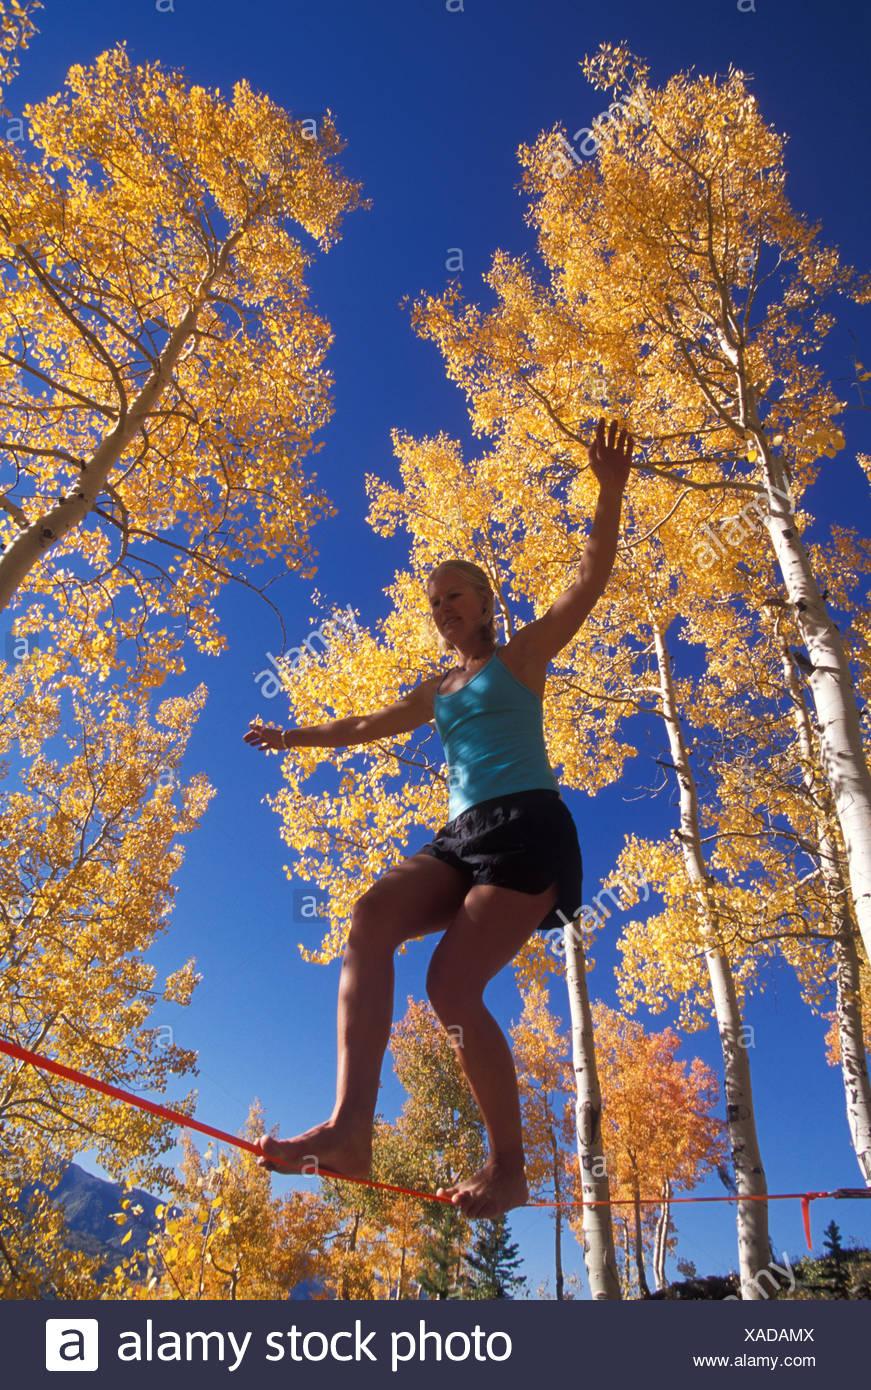 Slacklining, tight rope walker - Stock Image